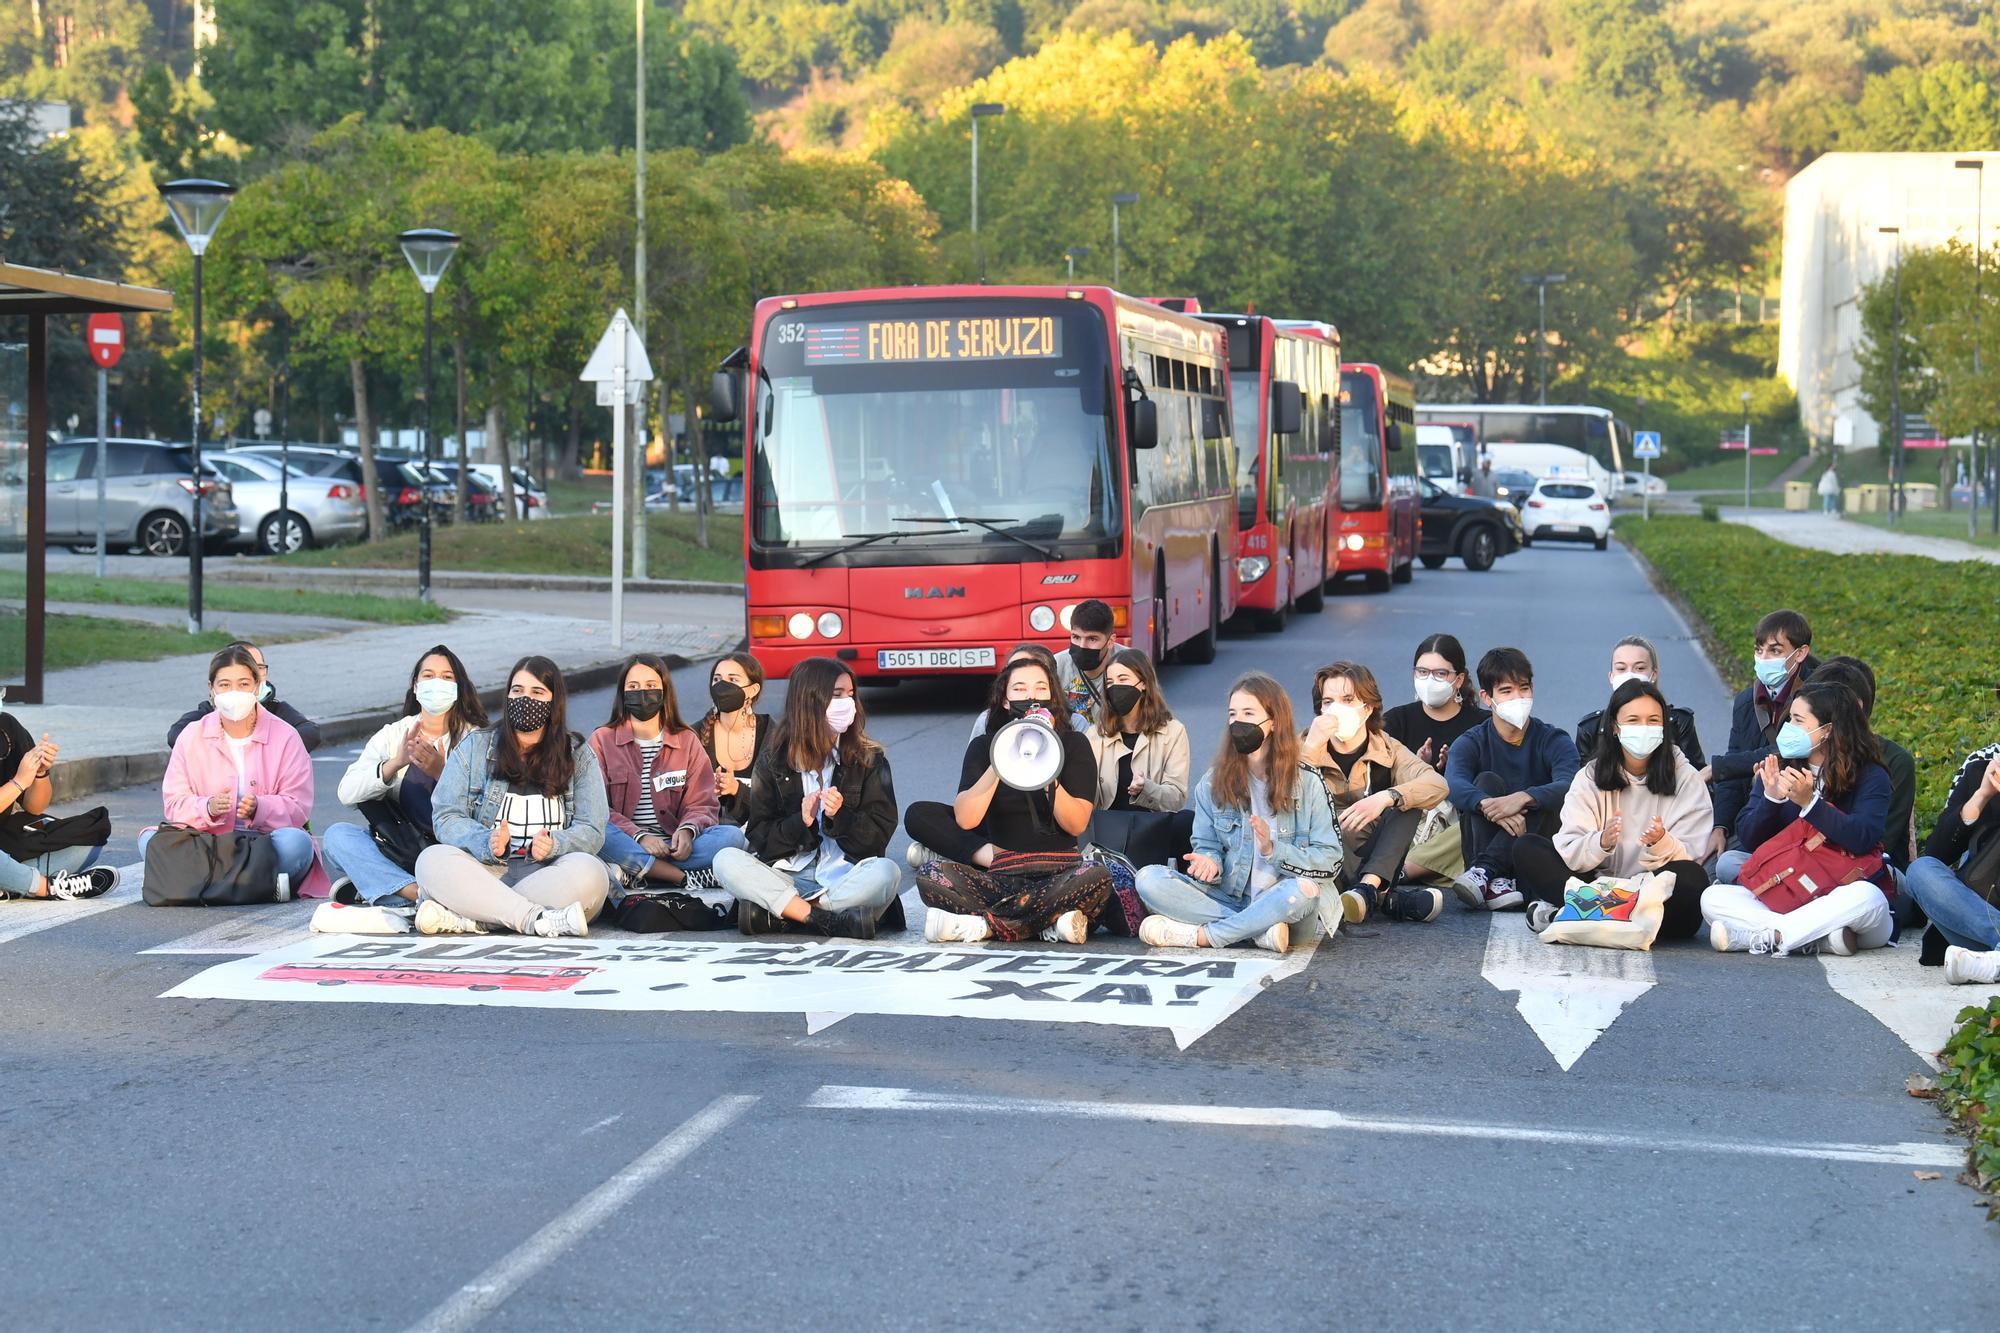 Sentada en la Universidade para reclamar transporte público